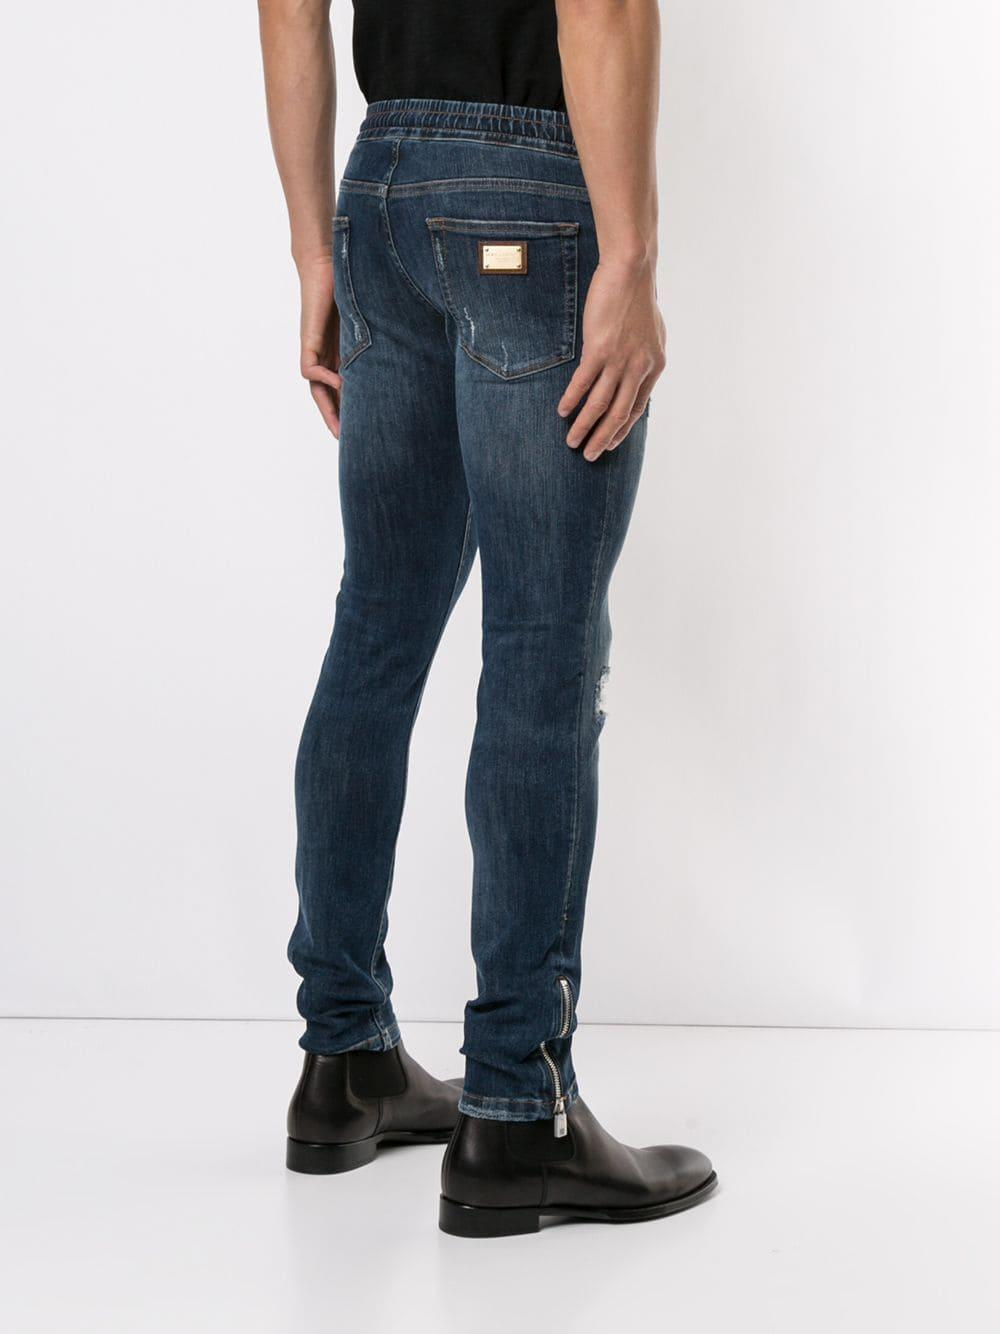 Dolce & Gabbana Denim Skinny Jeans in het Blauw voor heren